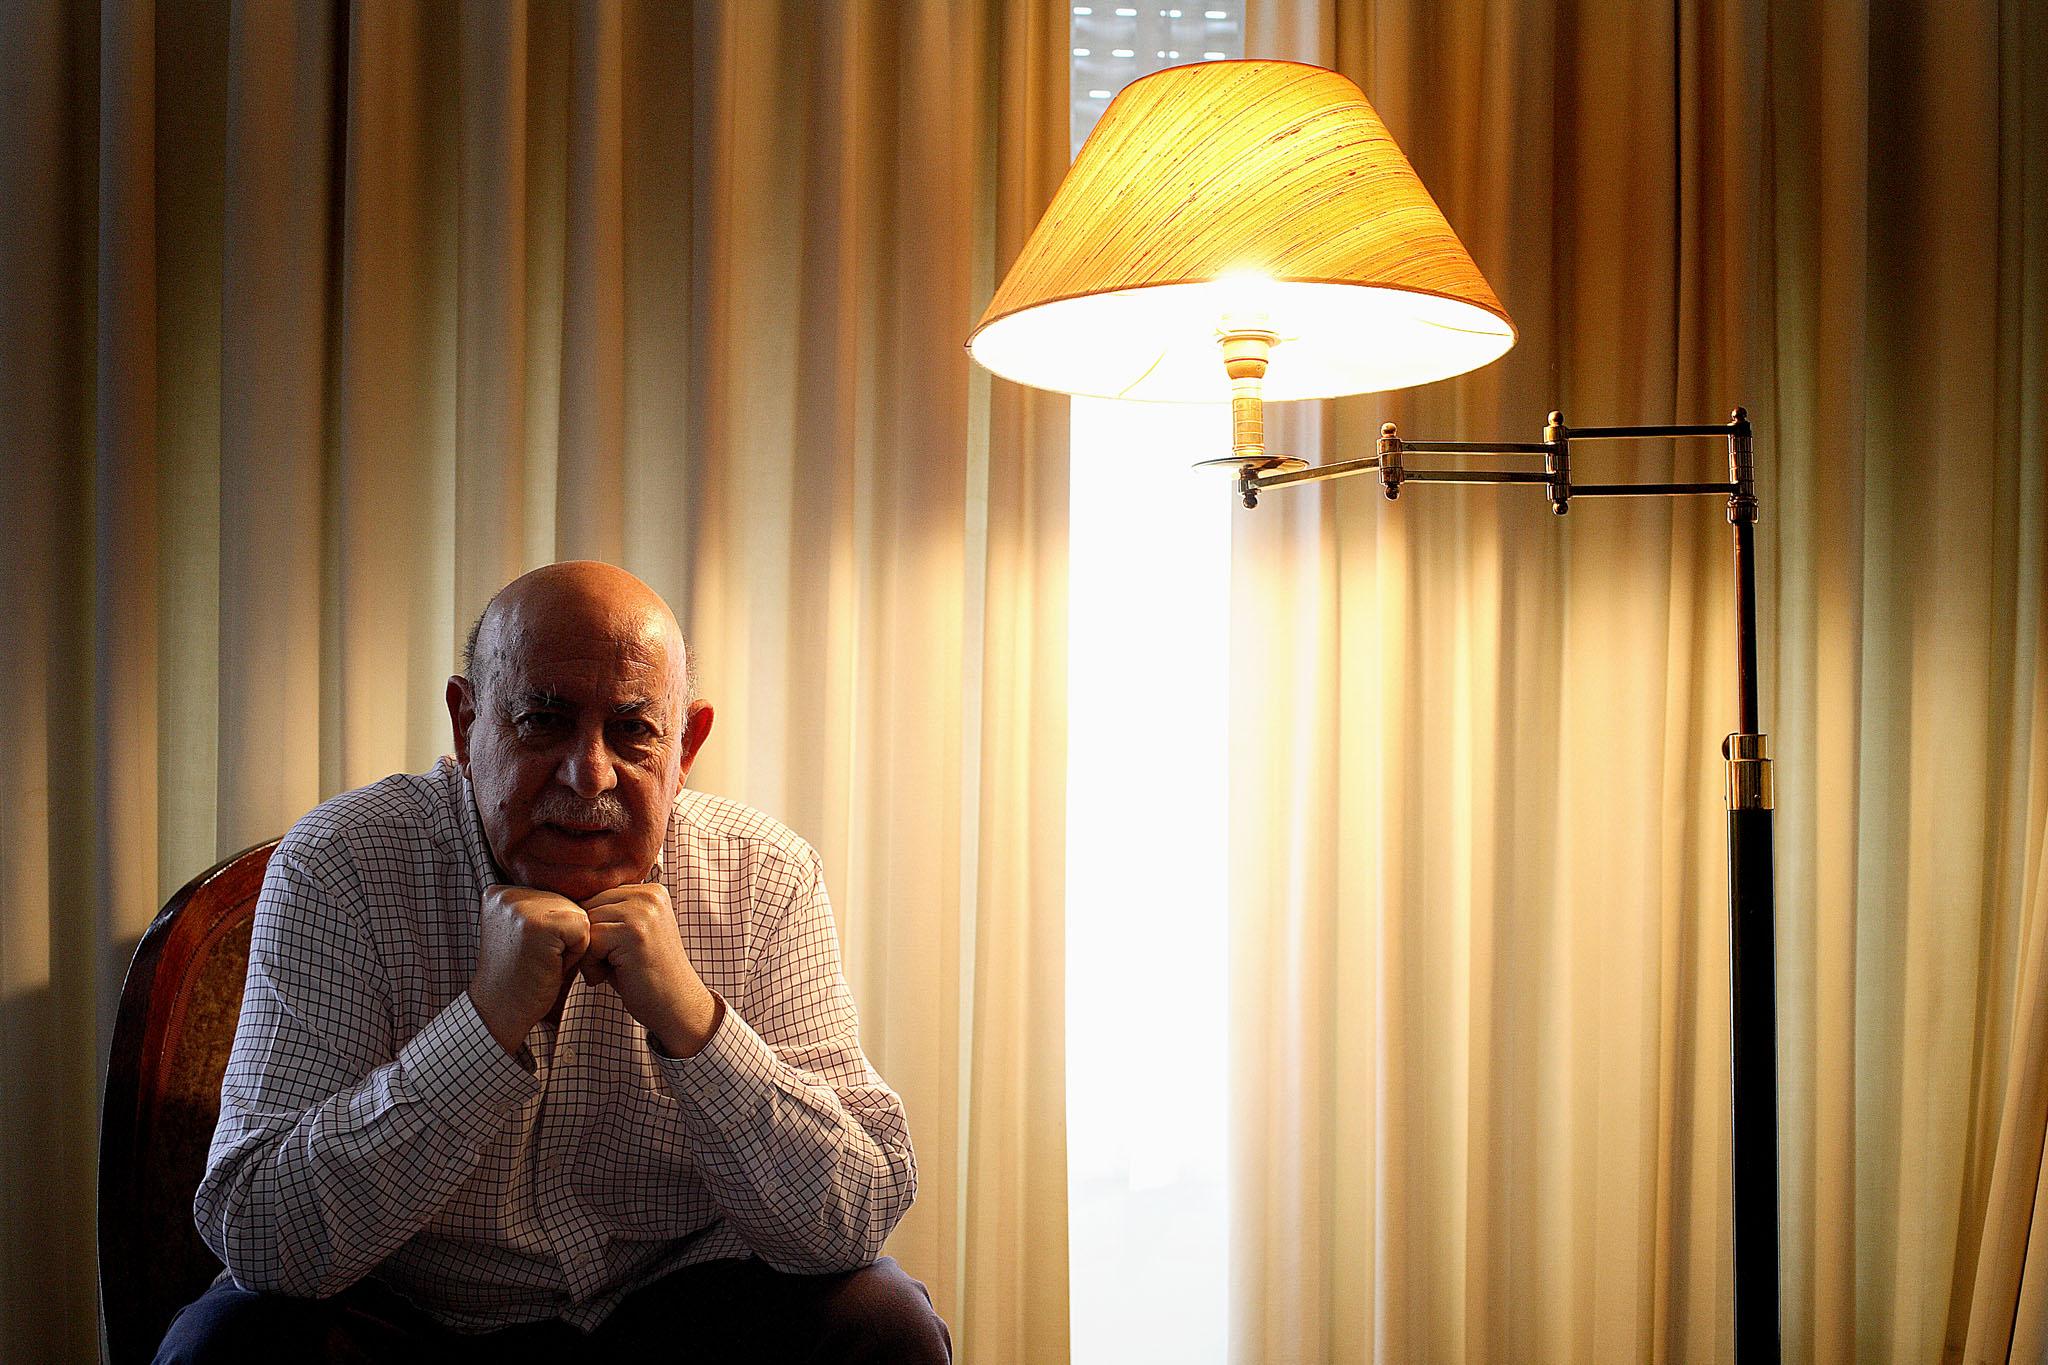 Armando Silva Carvalho era natural de Olho Marinho, Óbidos